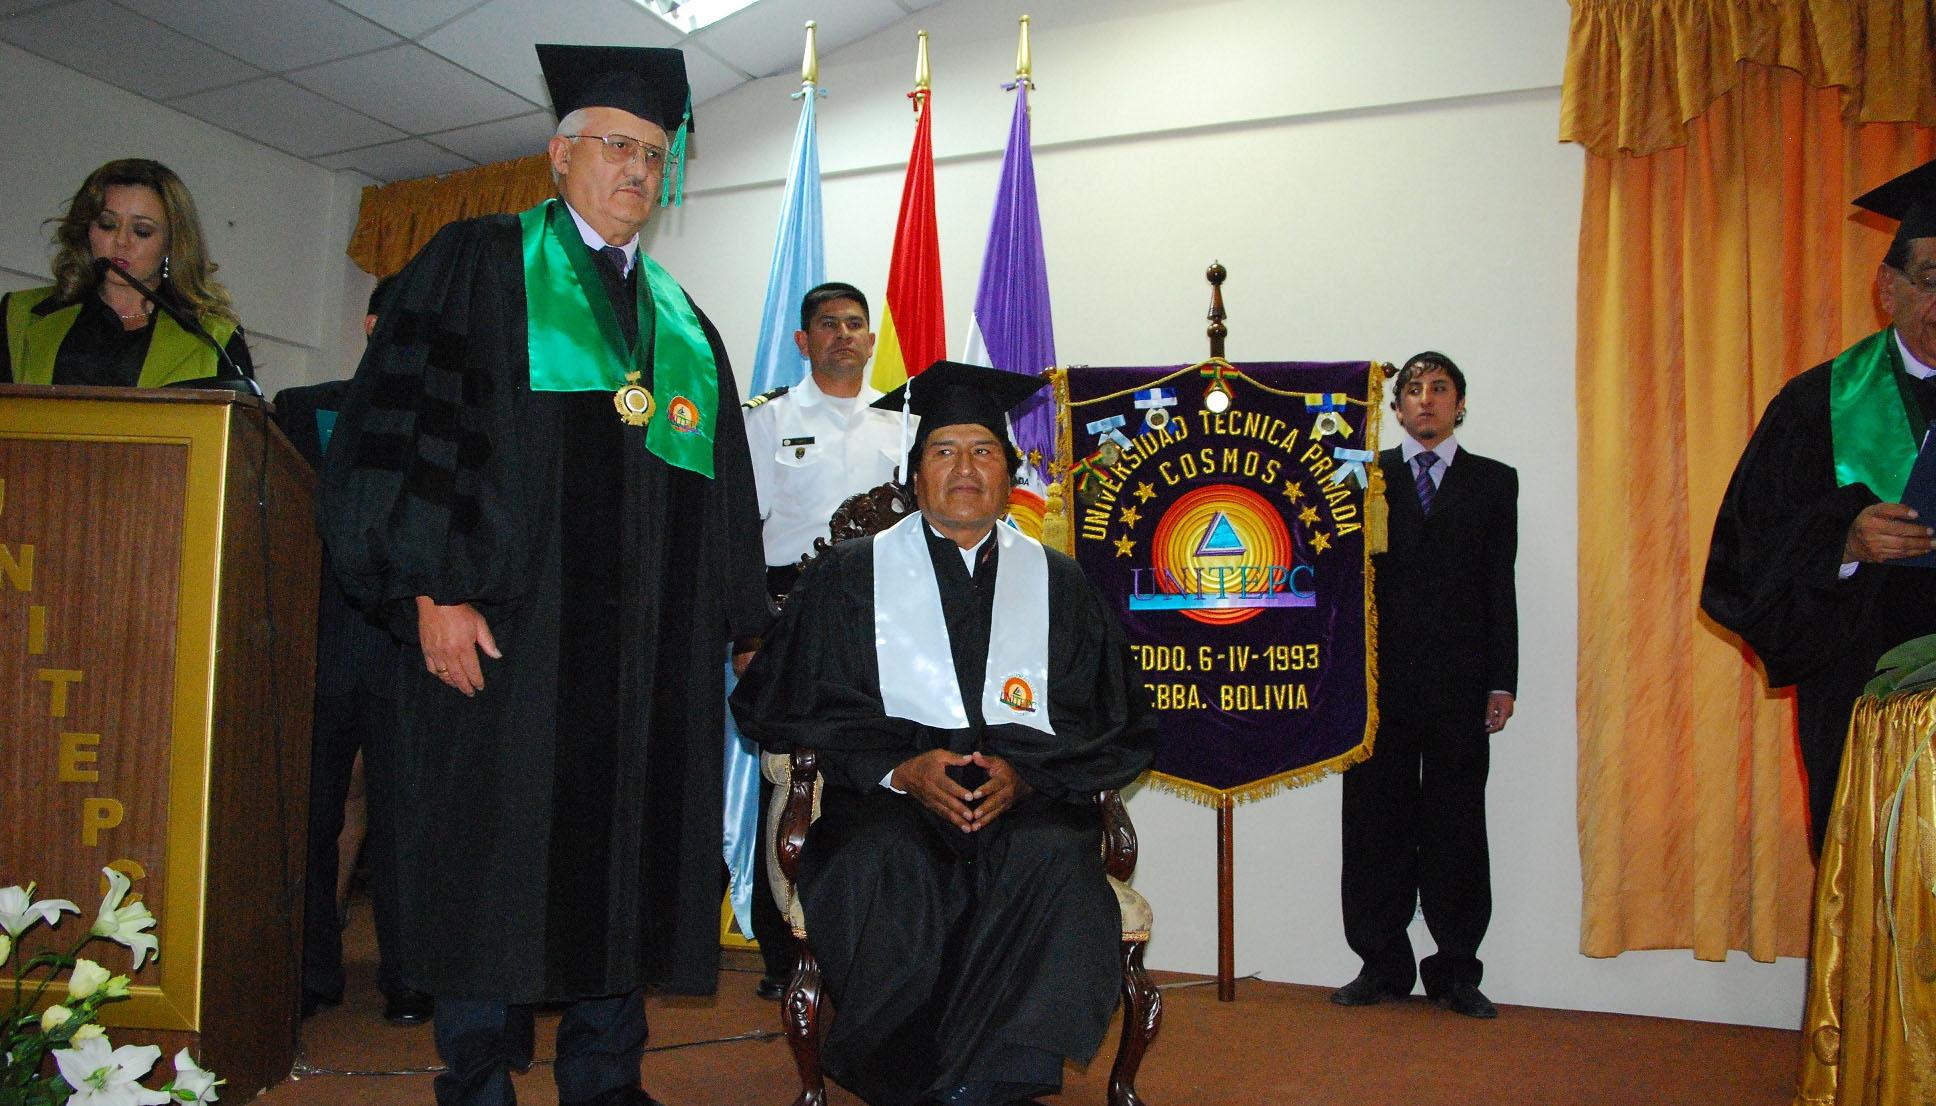 Resultado de imagen para evo morales doctor honoris causa imagenes